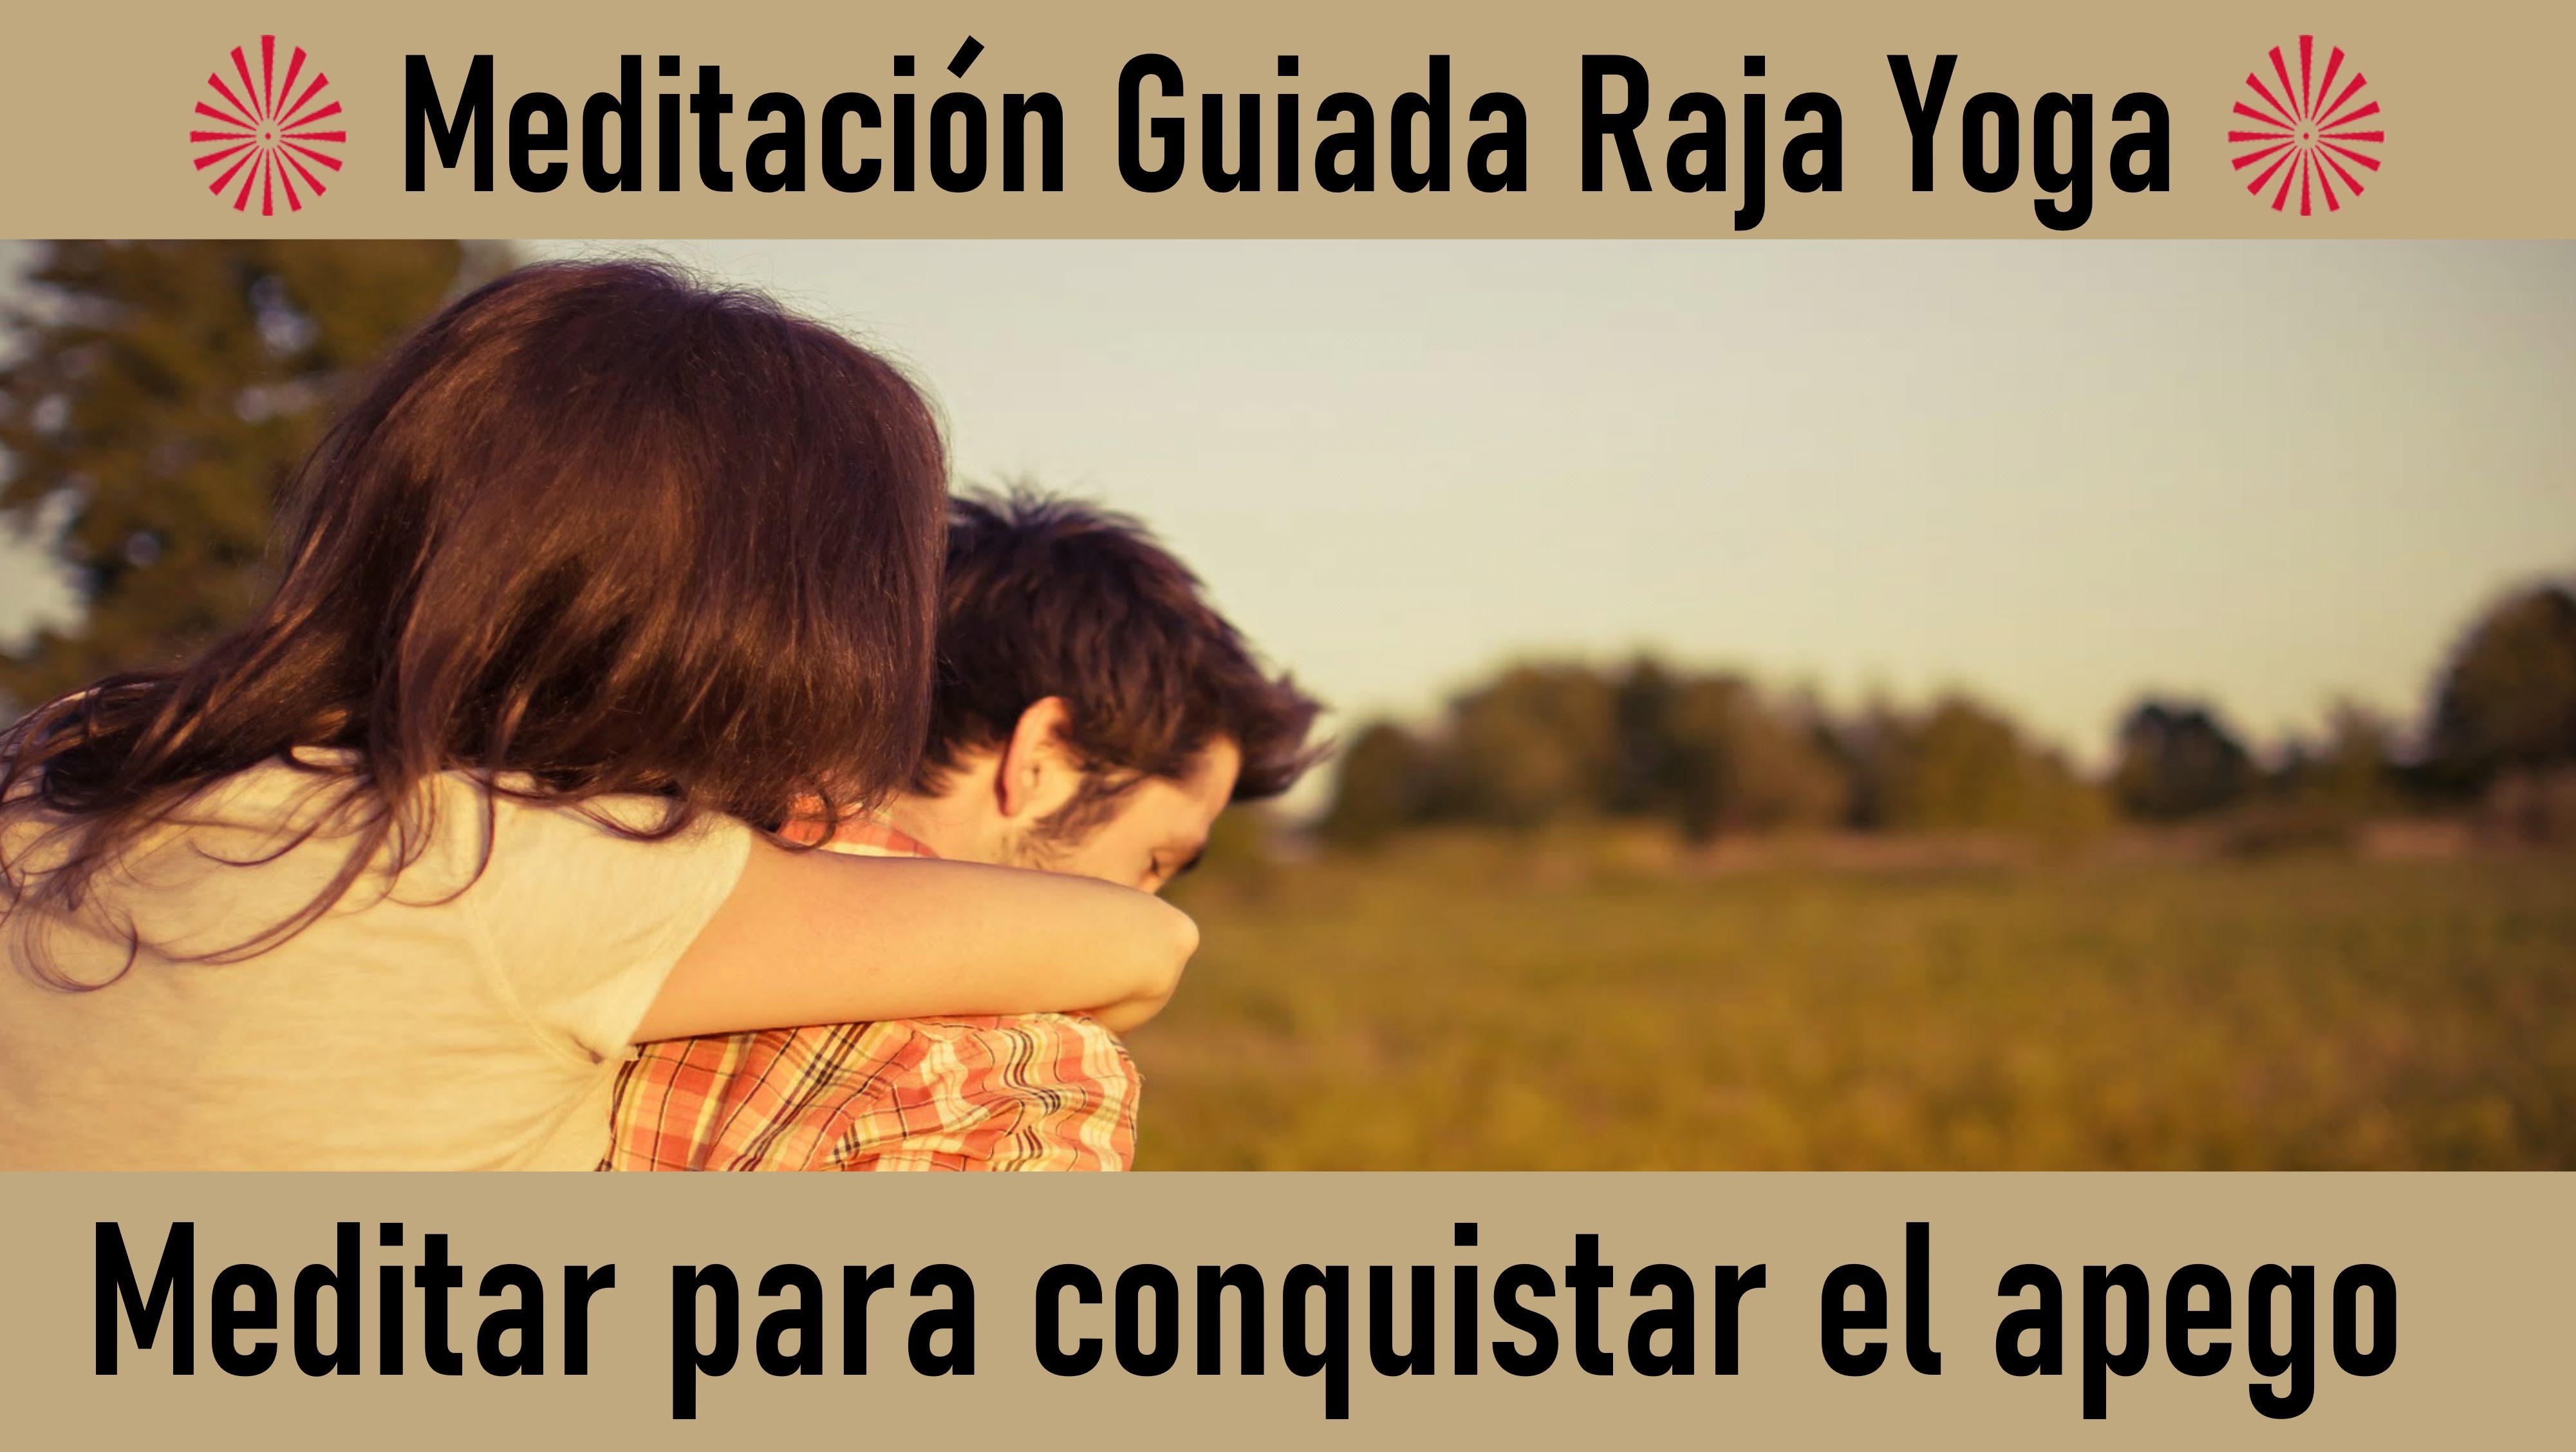 17 Junio 2020 Meditación Guiada: Meditar para conquistar el apego